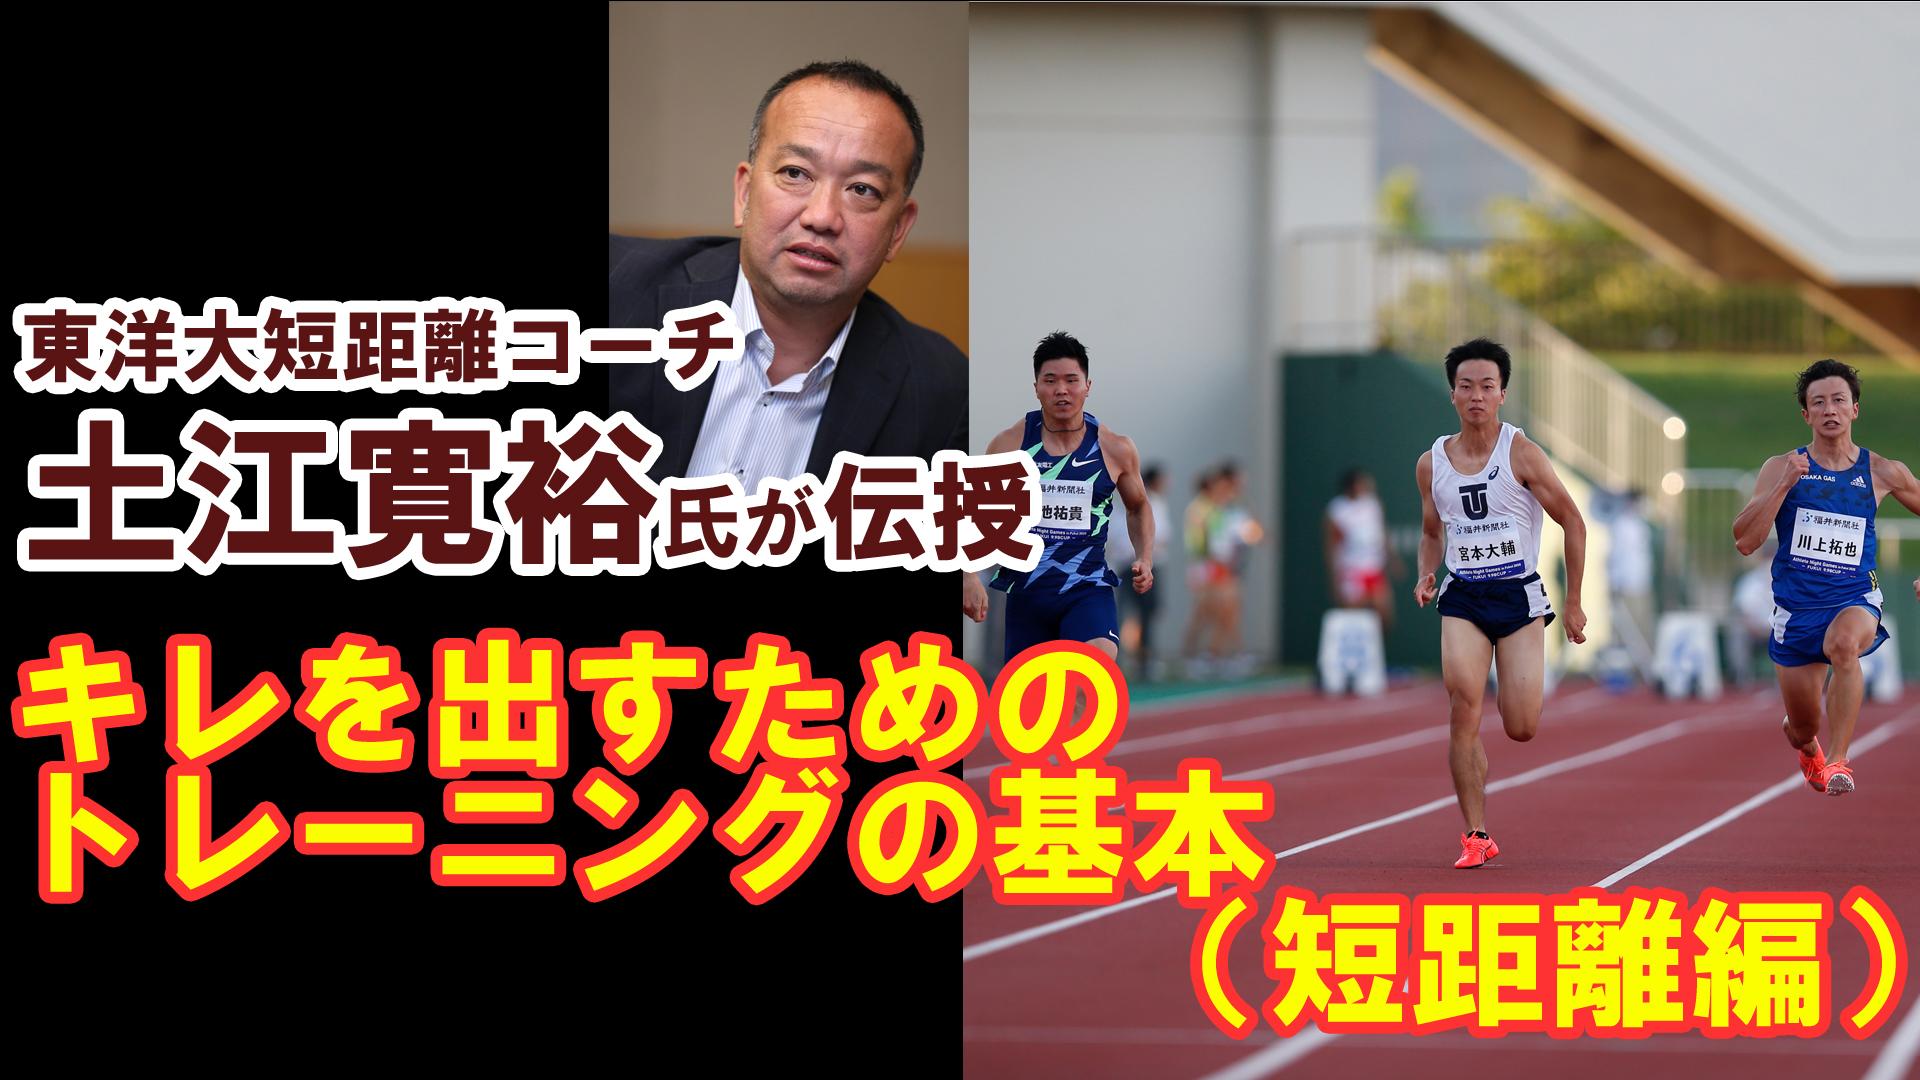 【トレーニング】秋はキレで勝負!トレーニングの基本 短距離編/東洋大・土江寛裕コーチ